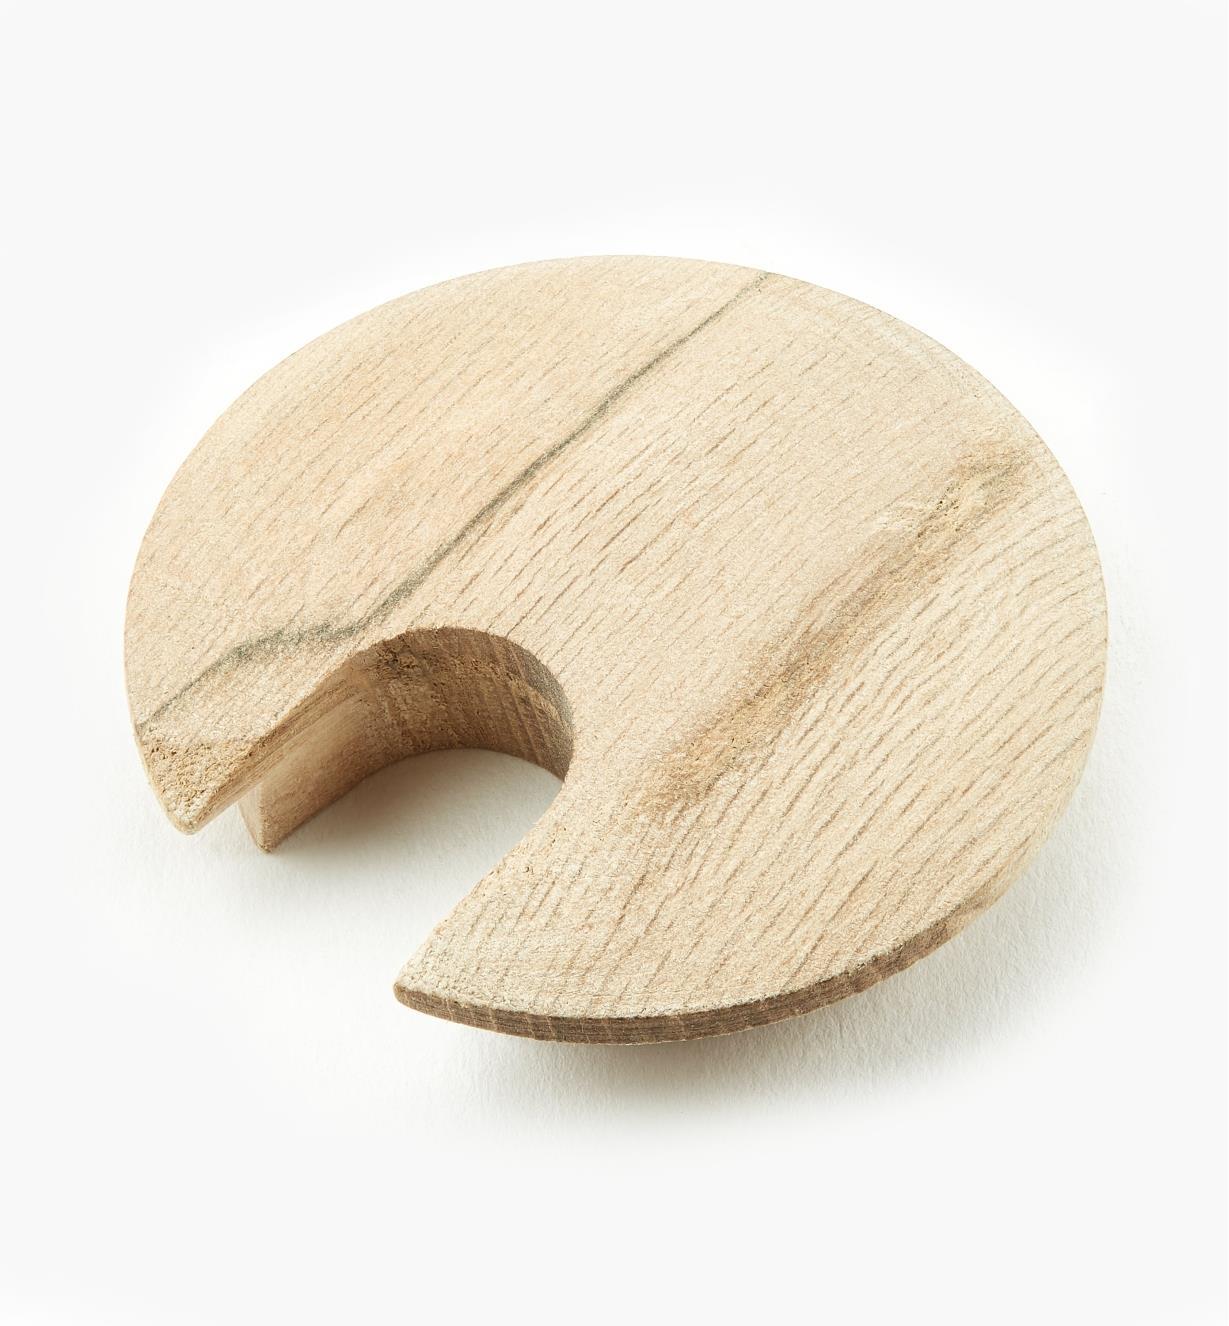 41K2781 - Passe-câble en bois de chêne